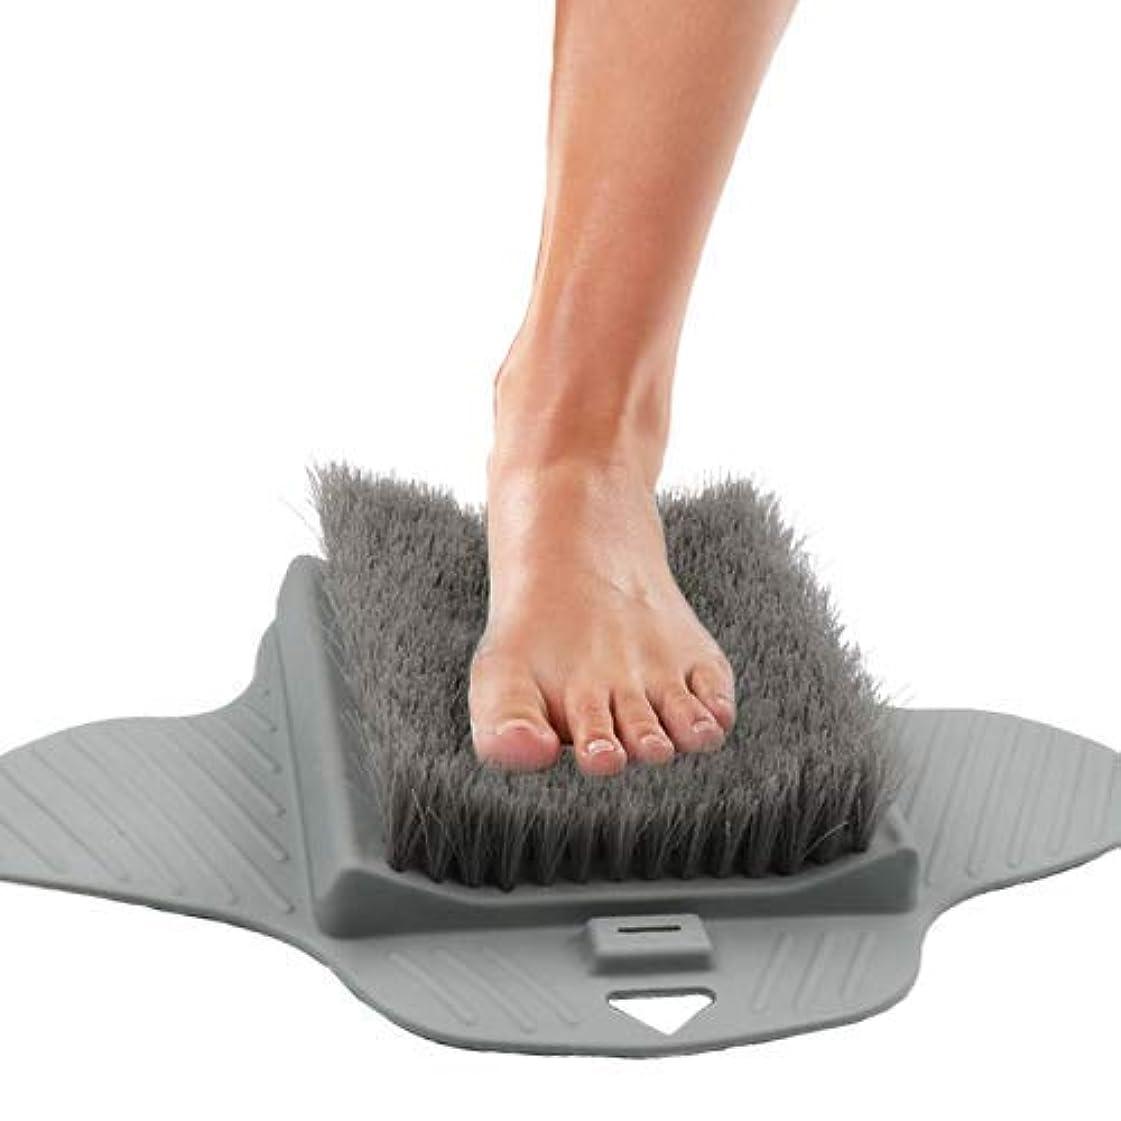 補助シャットフレアJhua 足の裏とカルスを掃除するためのシャワーフットスクラバーバスタブフロアブラシ-滑り止め吸引カップ、指圧マッサージマットフットクリーナー